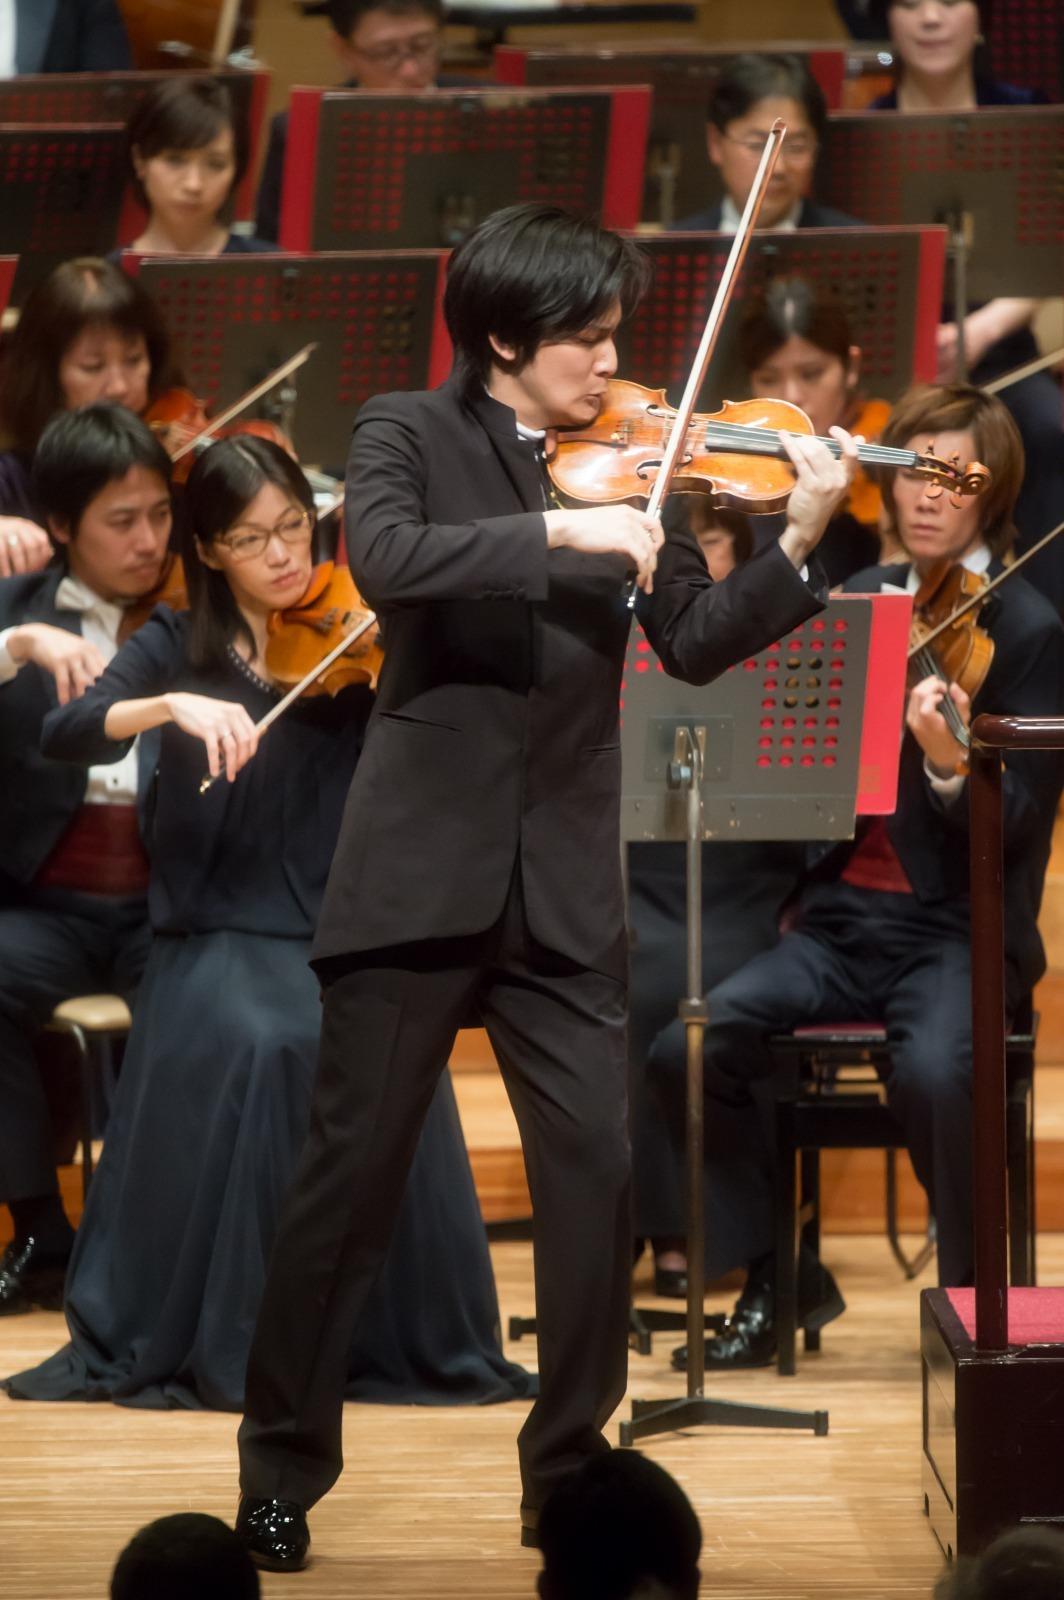 若き才能の熱演は大先輩の門出に花を添えた(3月26日公演より) (c)池上直哉/東京交響楽団